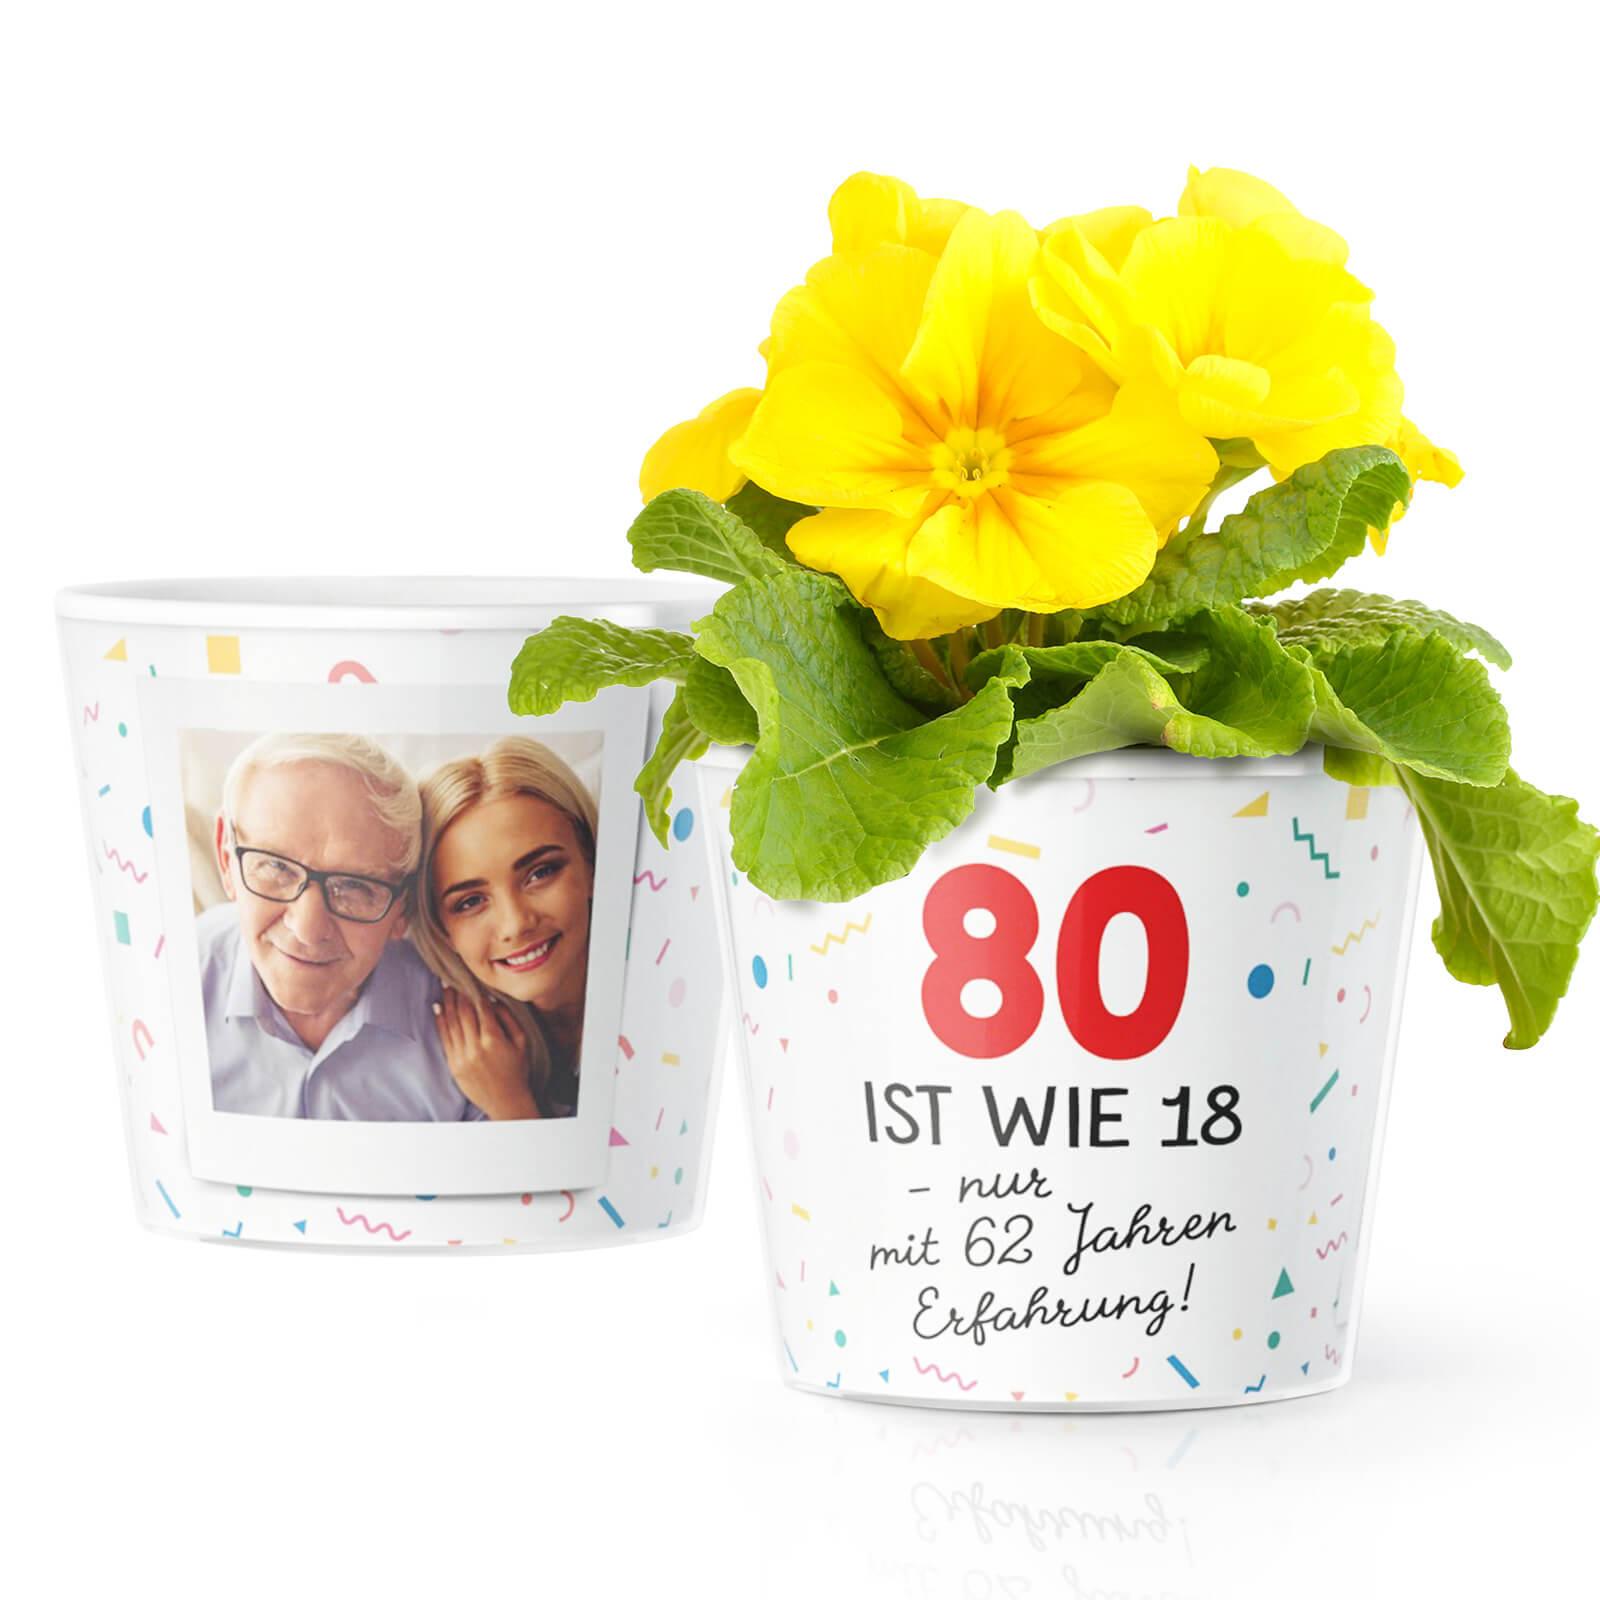 Geburtstag wunsche 80 jahre